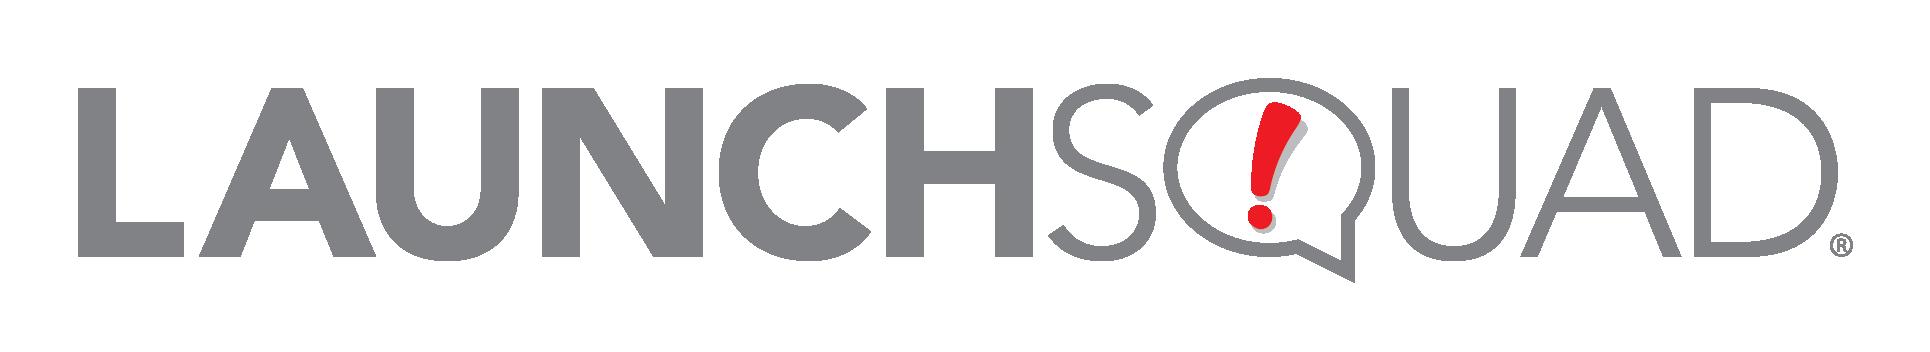 LaunchSquad logo